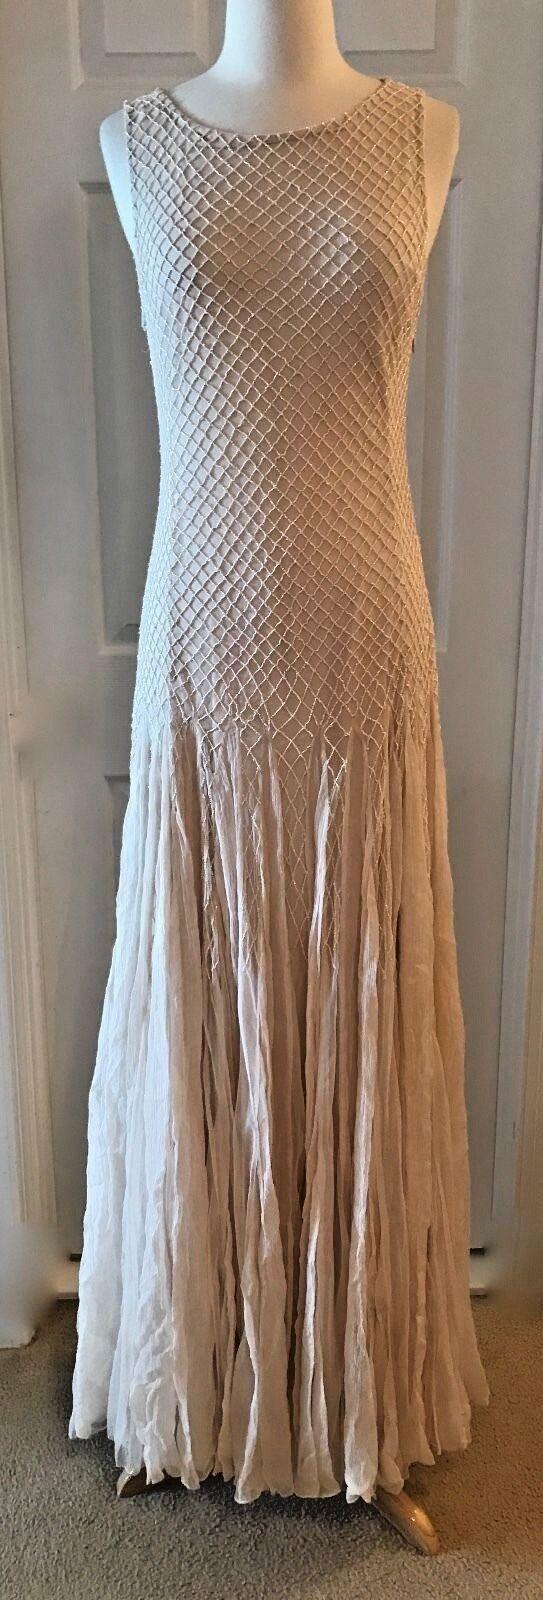 Alice + Olivia Saori Verziertes Kleid Abendkleid mit Godets Größe 6 Champagner